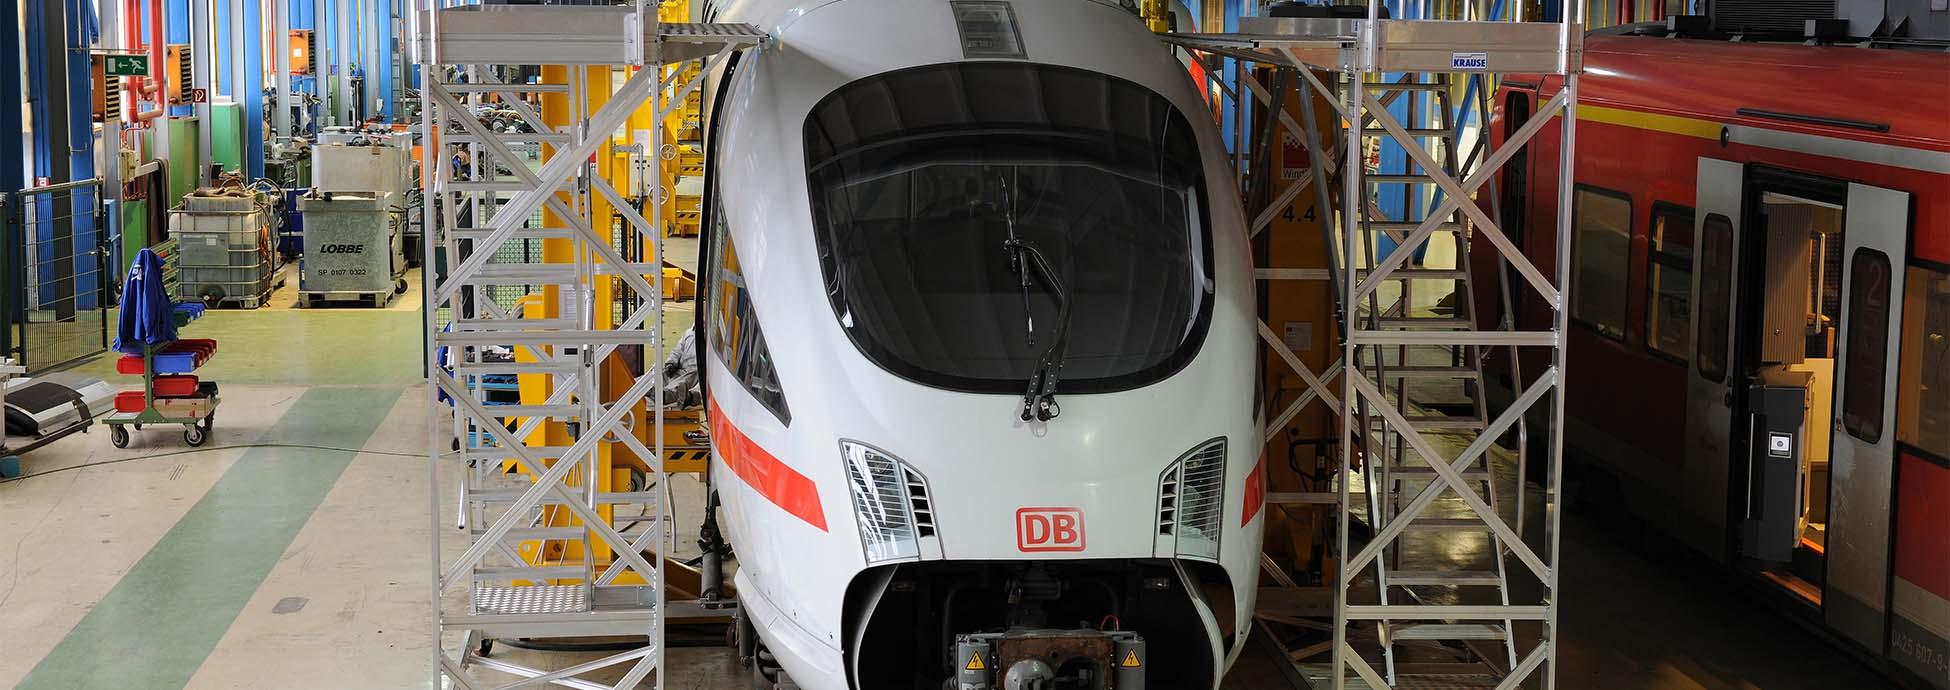 Fahrbare Arbeitsbühne aus Aluminium zur Wartung von Zügen